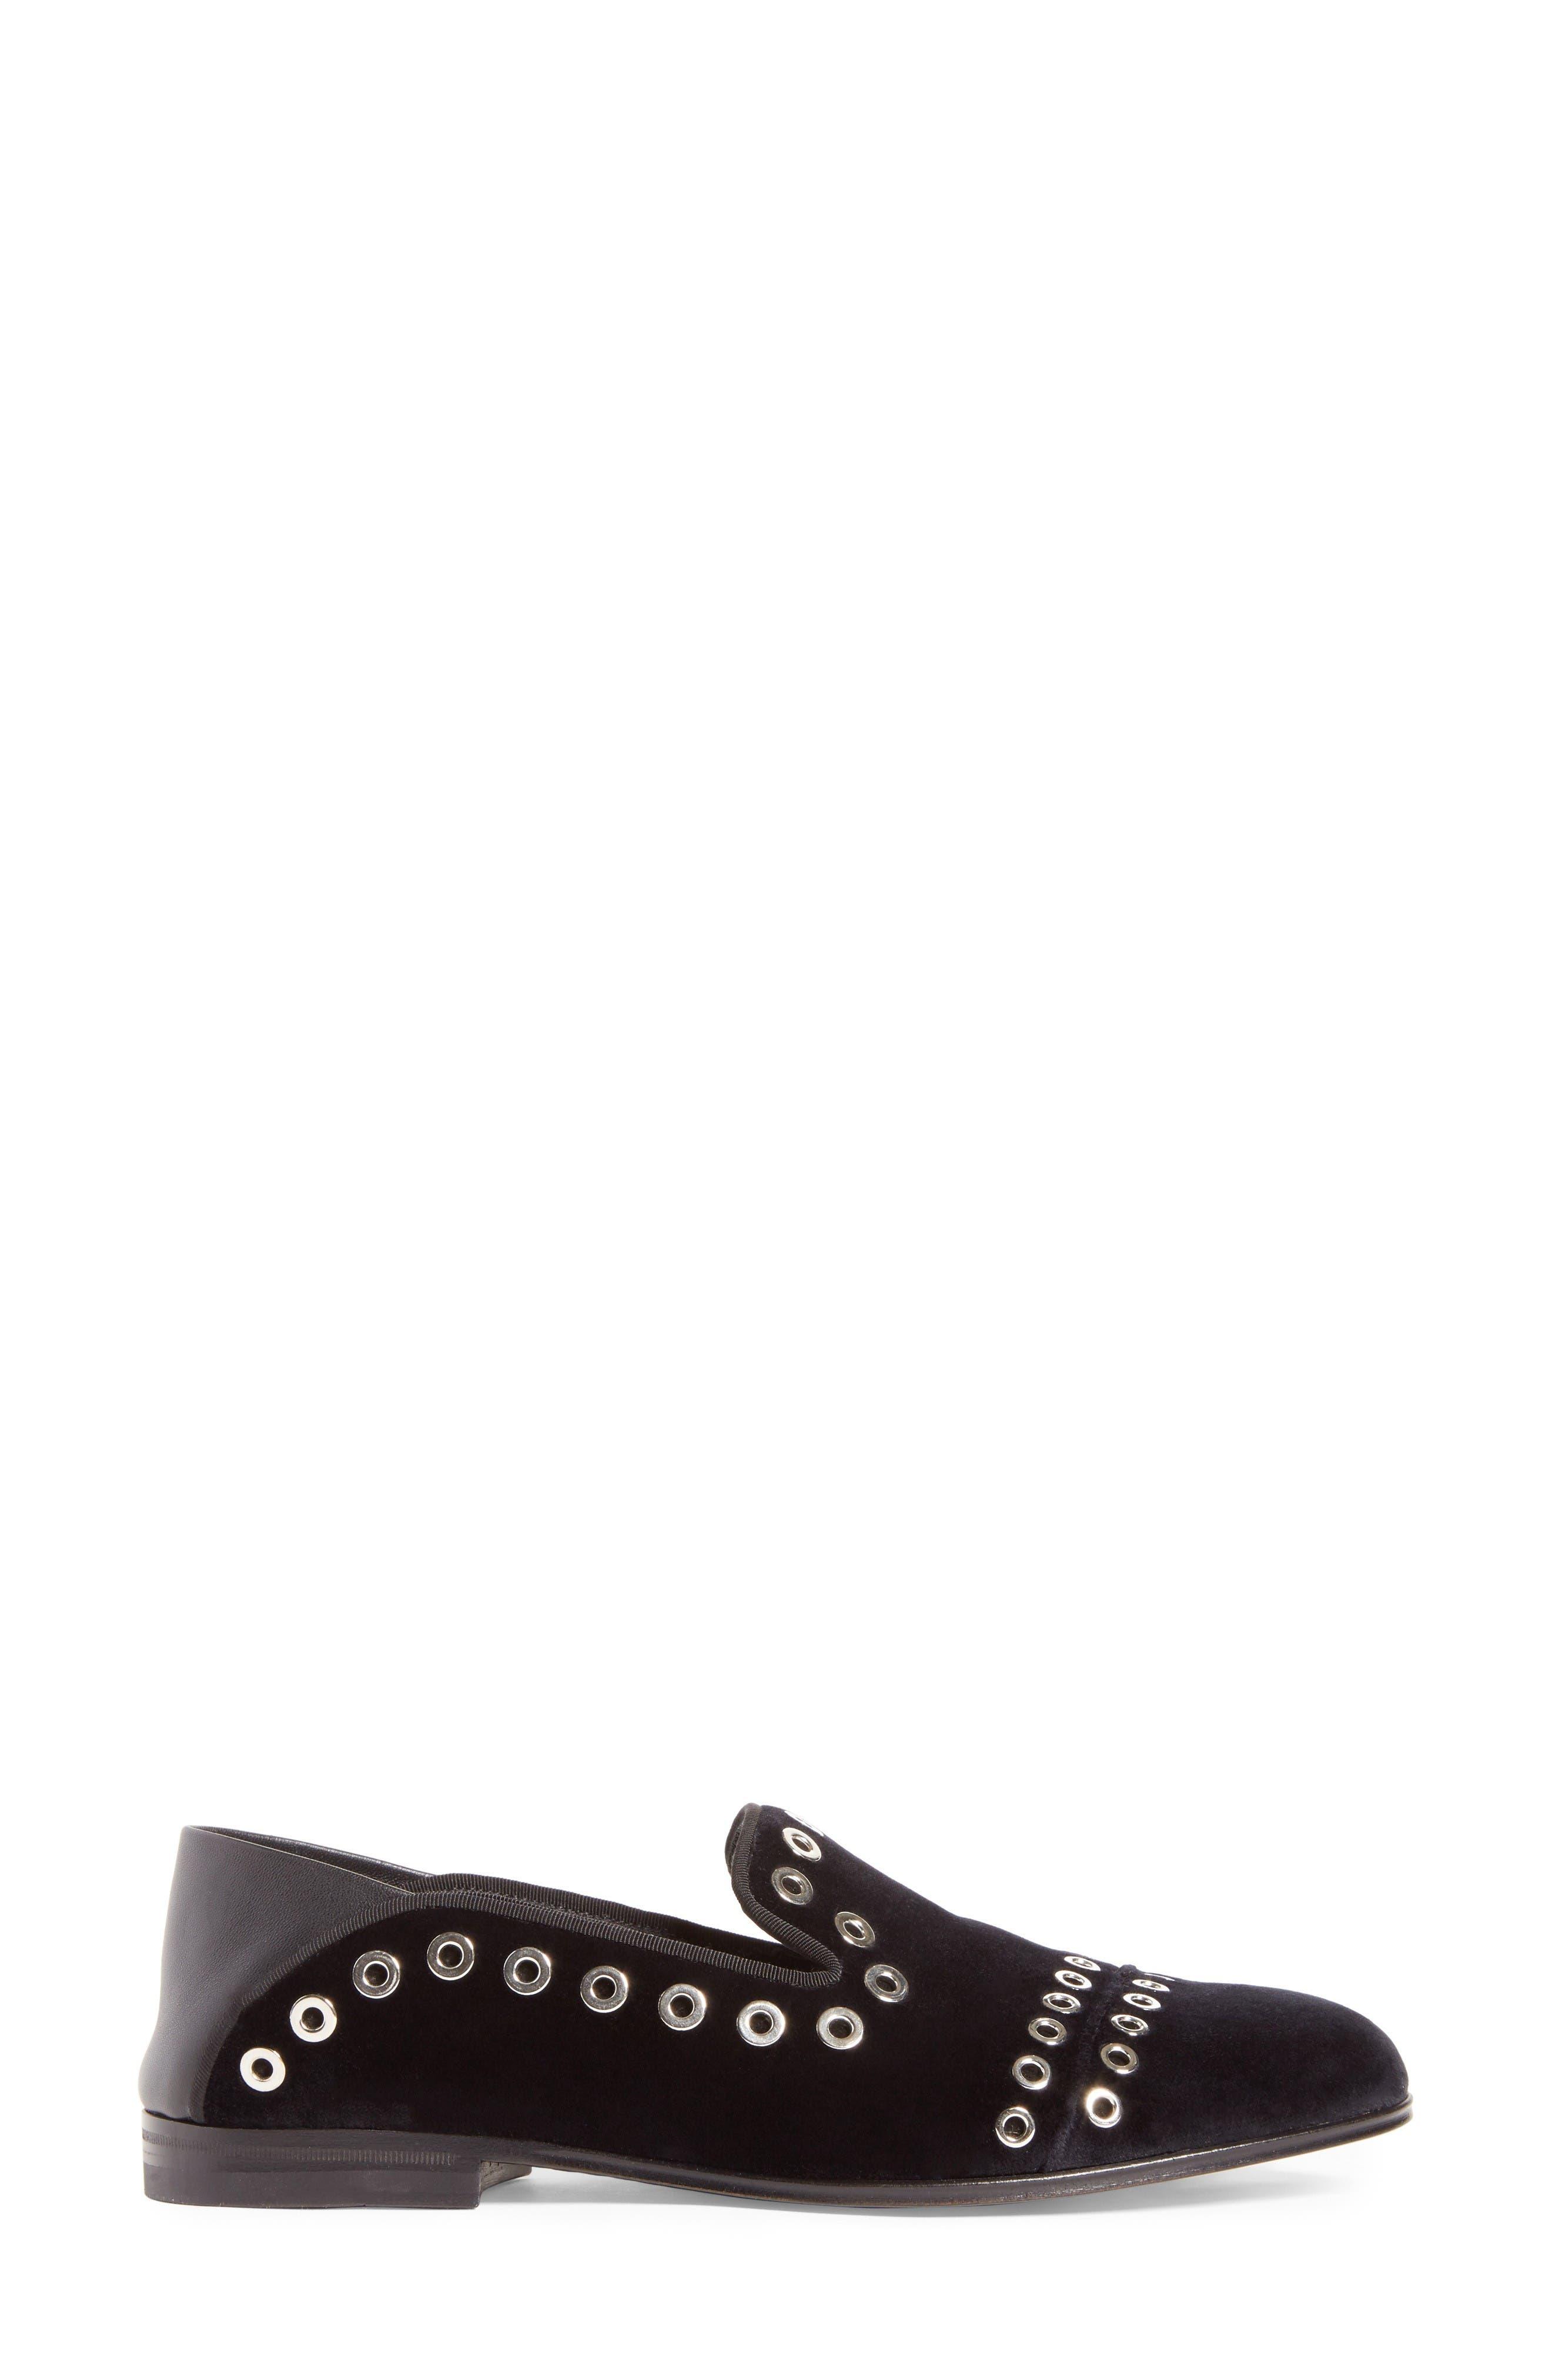 Alternate Image 4  - Alexander McQueen Grommet Convertible Loafer (Women)